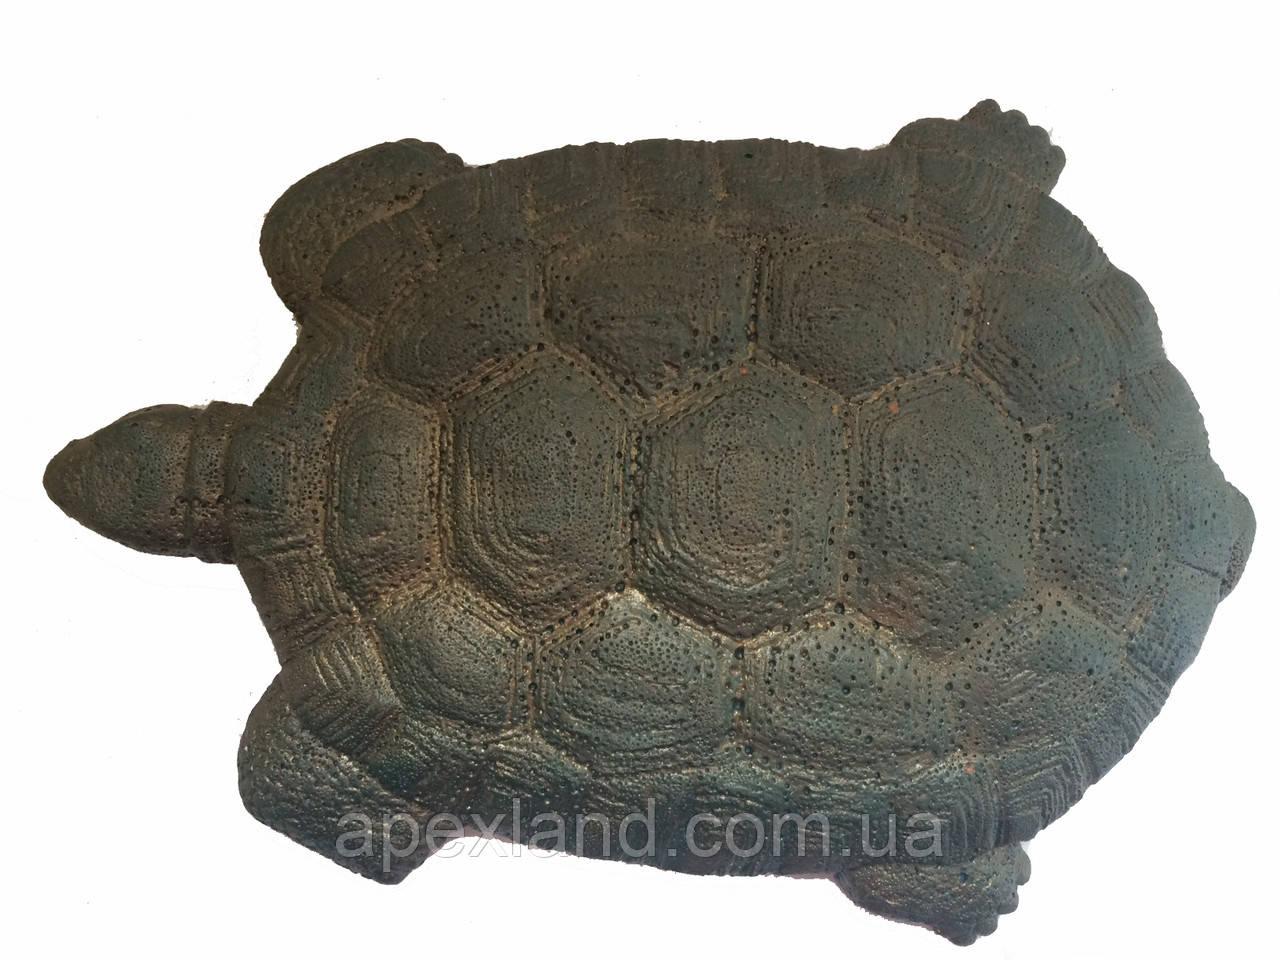 Декор для садовой дорожки Черепаха